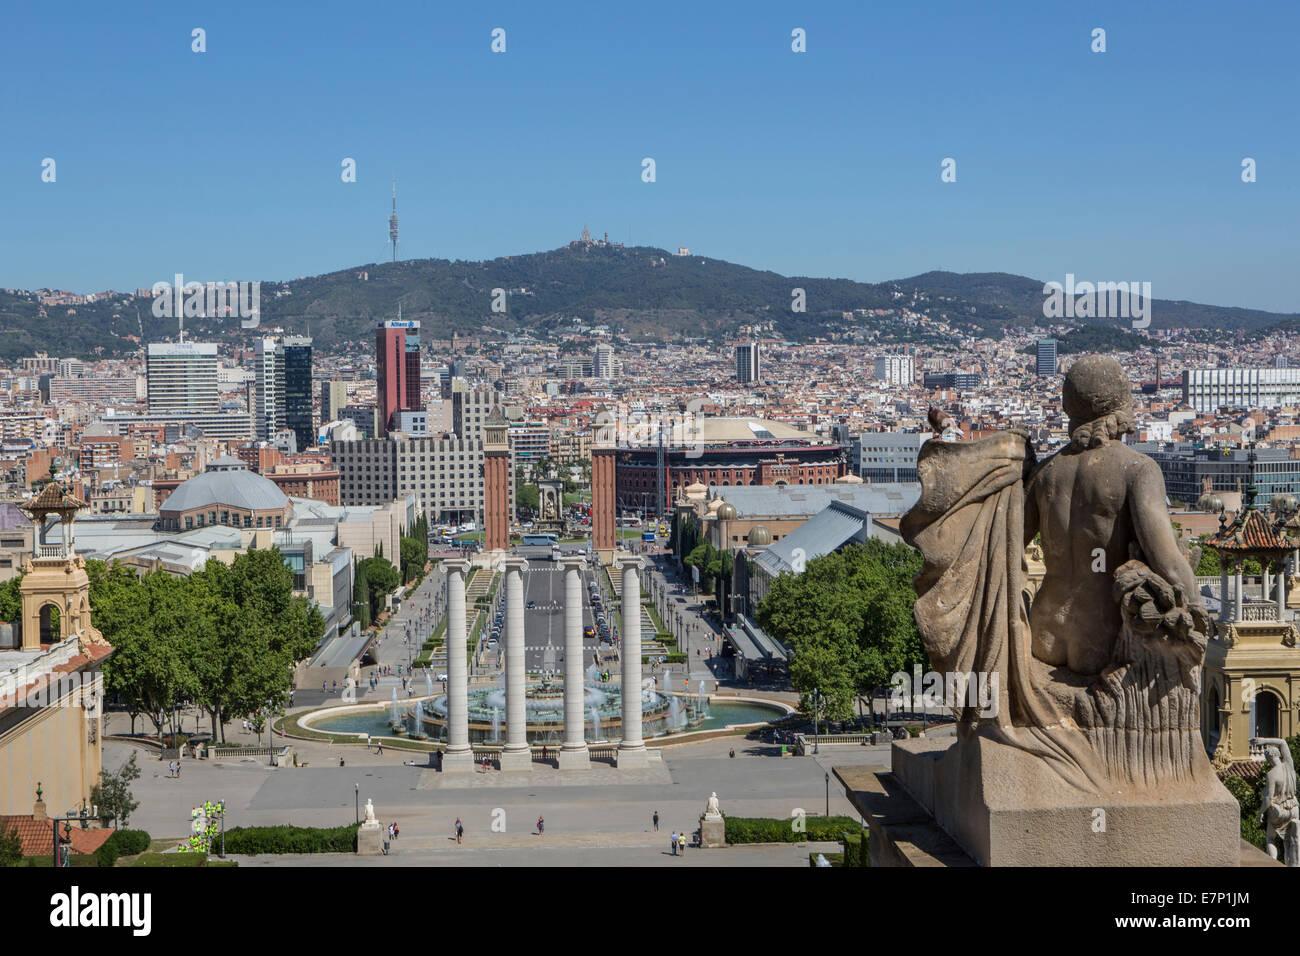 Espana Square, Sans, architecture, Barcelona, Catalonia